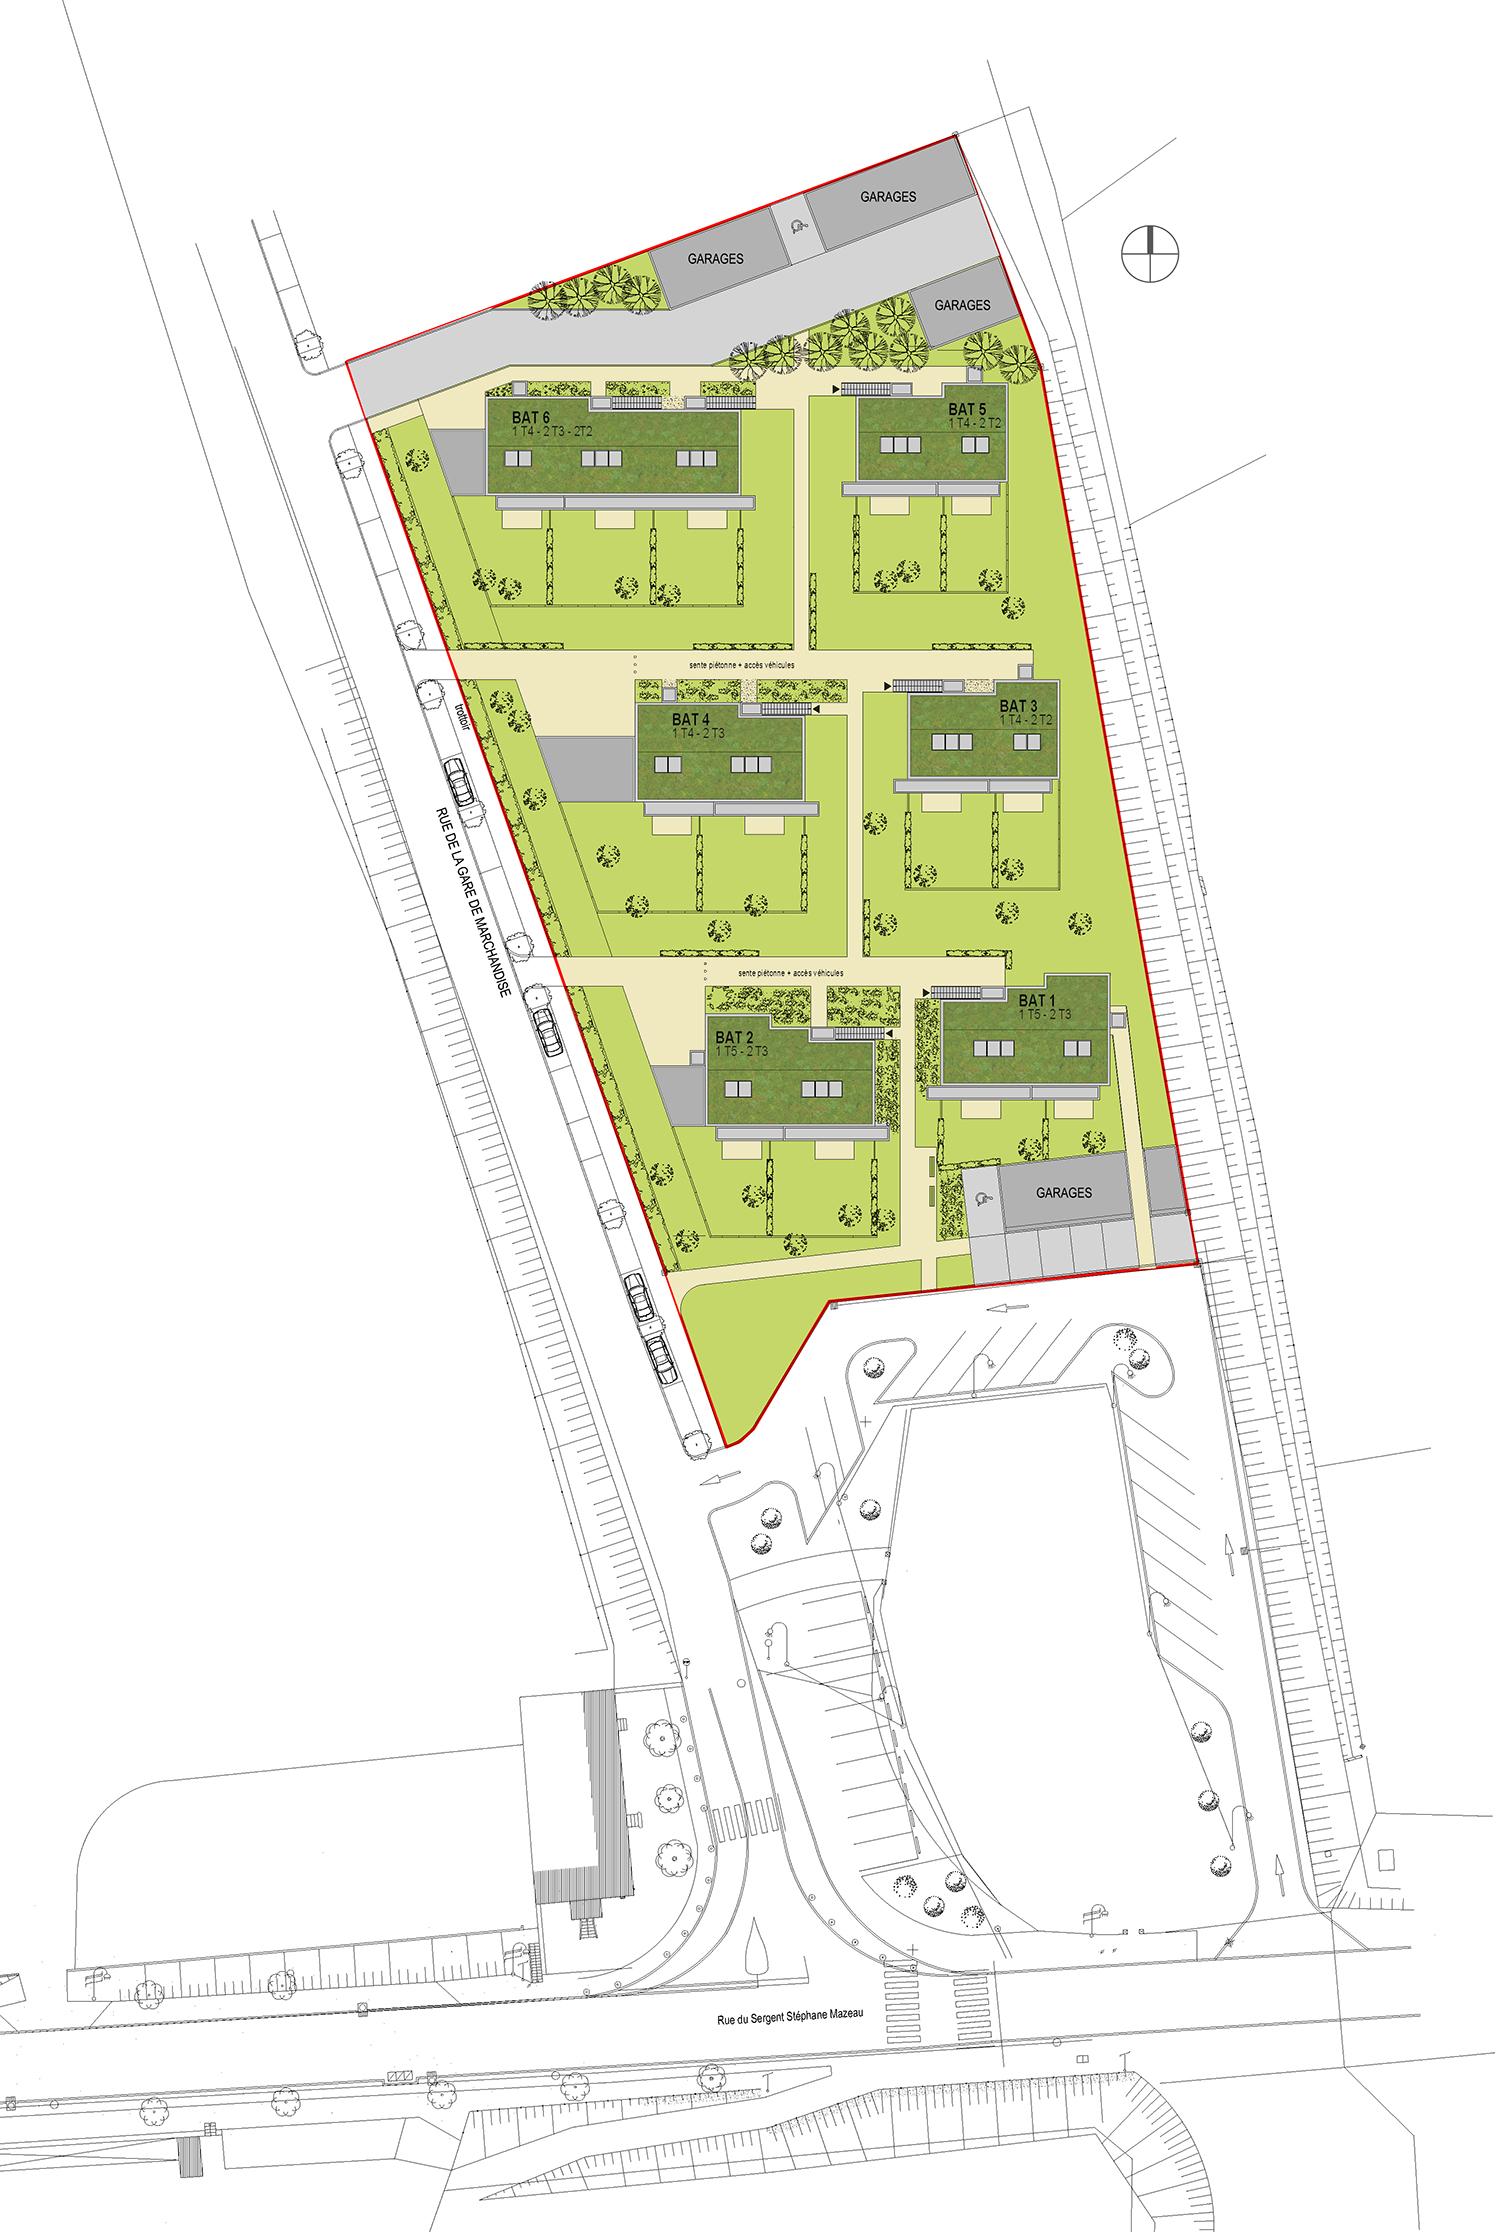 20-logements-bbc-orvitis-pouilly-en-auxois-plan-masse